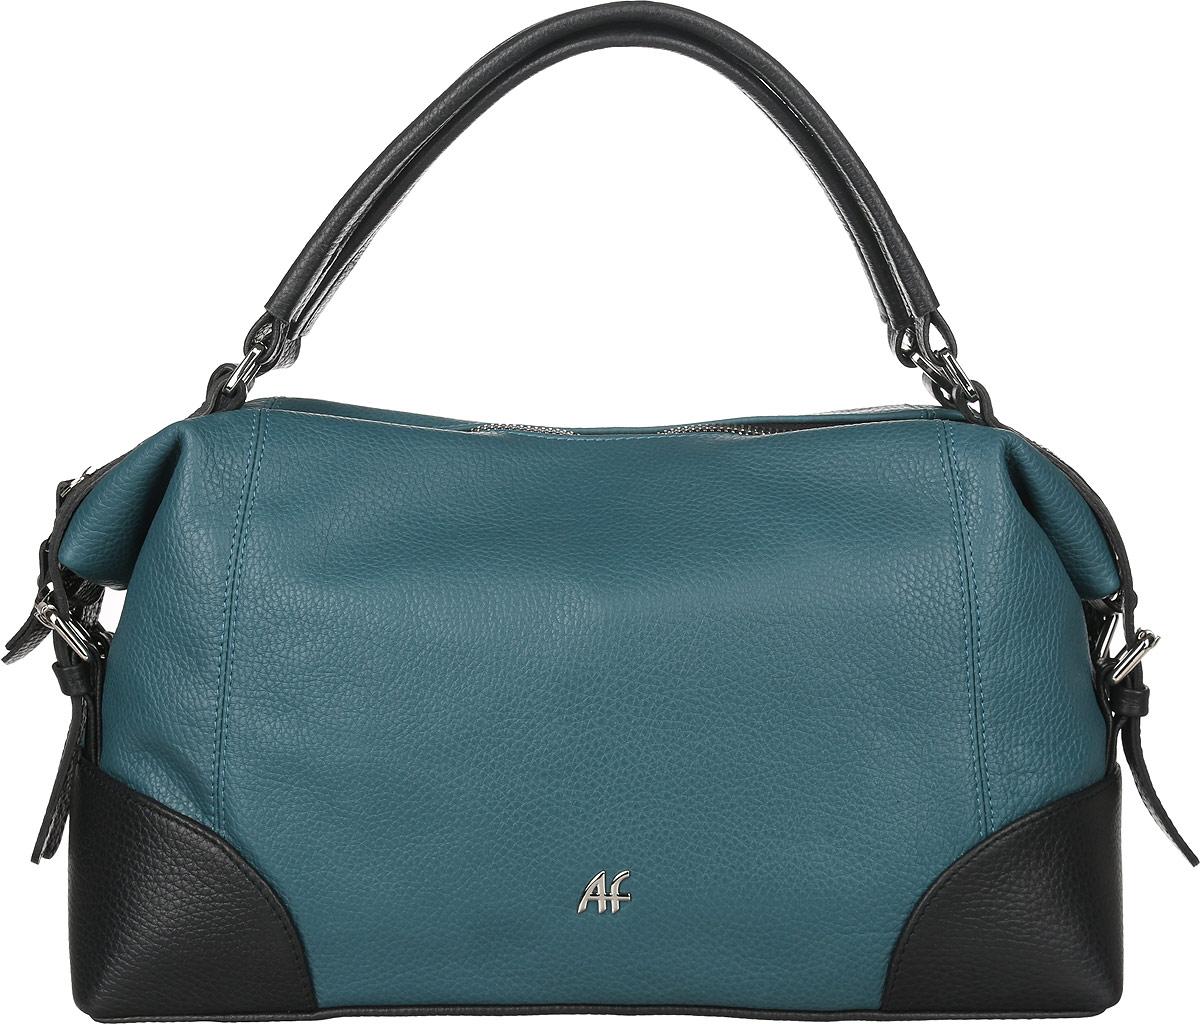 Сумка женская Afina, цвет: черный, темно-бирюзовый. 177177Стильная женская сумка Afina выполнена из натуральной кожи с фактурным тиснением. Изделие имеет одно основное отделение, закрывающееся на застежку-молнию. Внутри находятся два накладных открытых кармана и прорезной карман на застежке-молнии. Снаружи, на задней стенке расположен прорезной карман на застежке-молнии. Модель оснащена двумя удобными ручками. В комплект входит съемный регулируемый плечевой ремень. По бокам модель дополнена ремешками с металлическими пряжками. Роскошная сумка внесет элегантные нотки в ваш образ и подчеркнет ваше отменное чувство стиля.